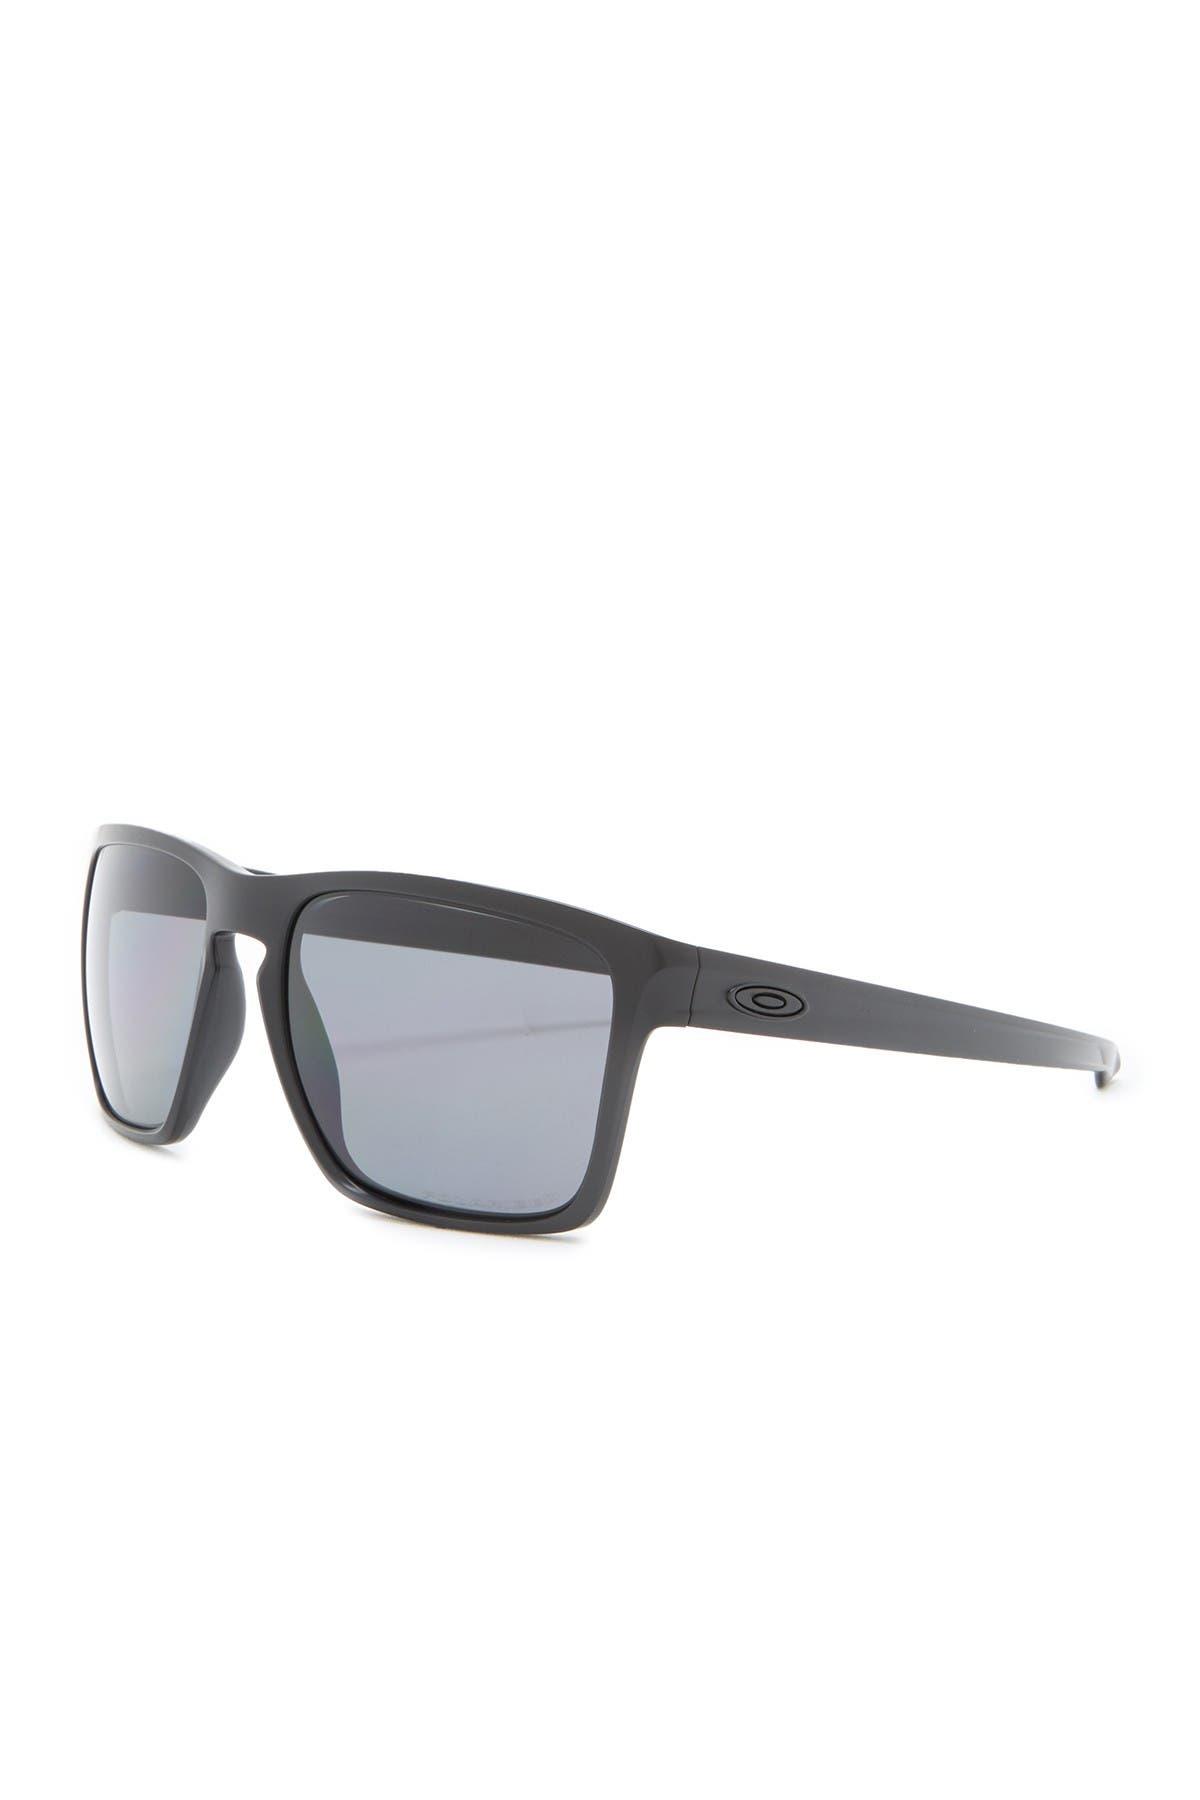 Image of Oakley 57mm Silver XL Square Sunglasses